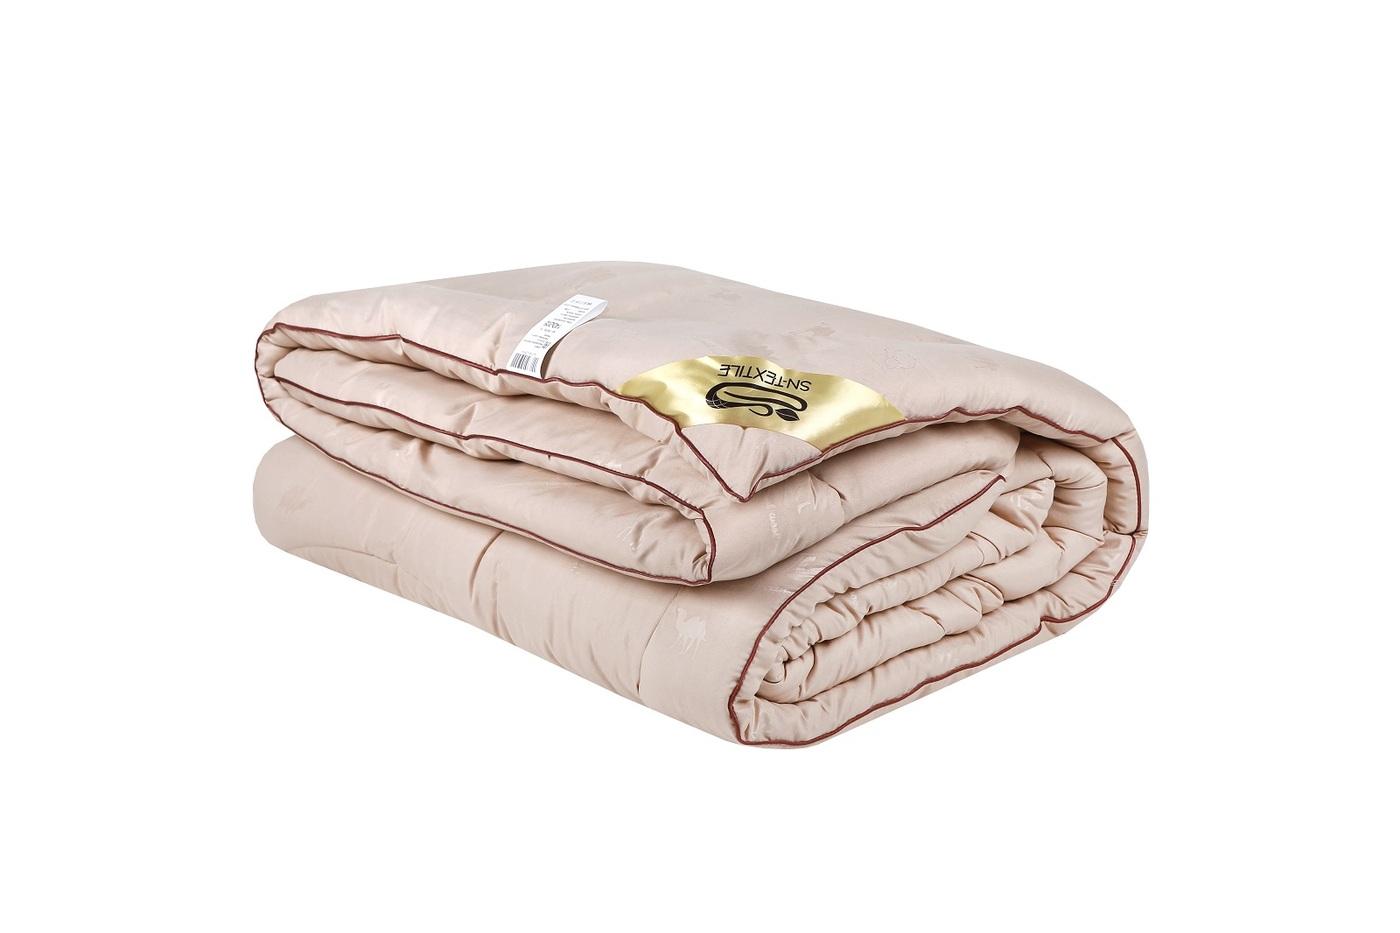 Одеяло Sn Textile ОМПВ-15 1,5 спальный, 140x205, Теплое, с наполнителем Верблюжья шерсть